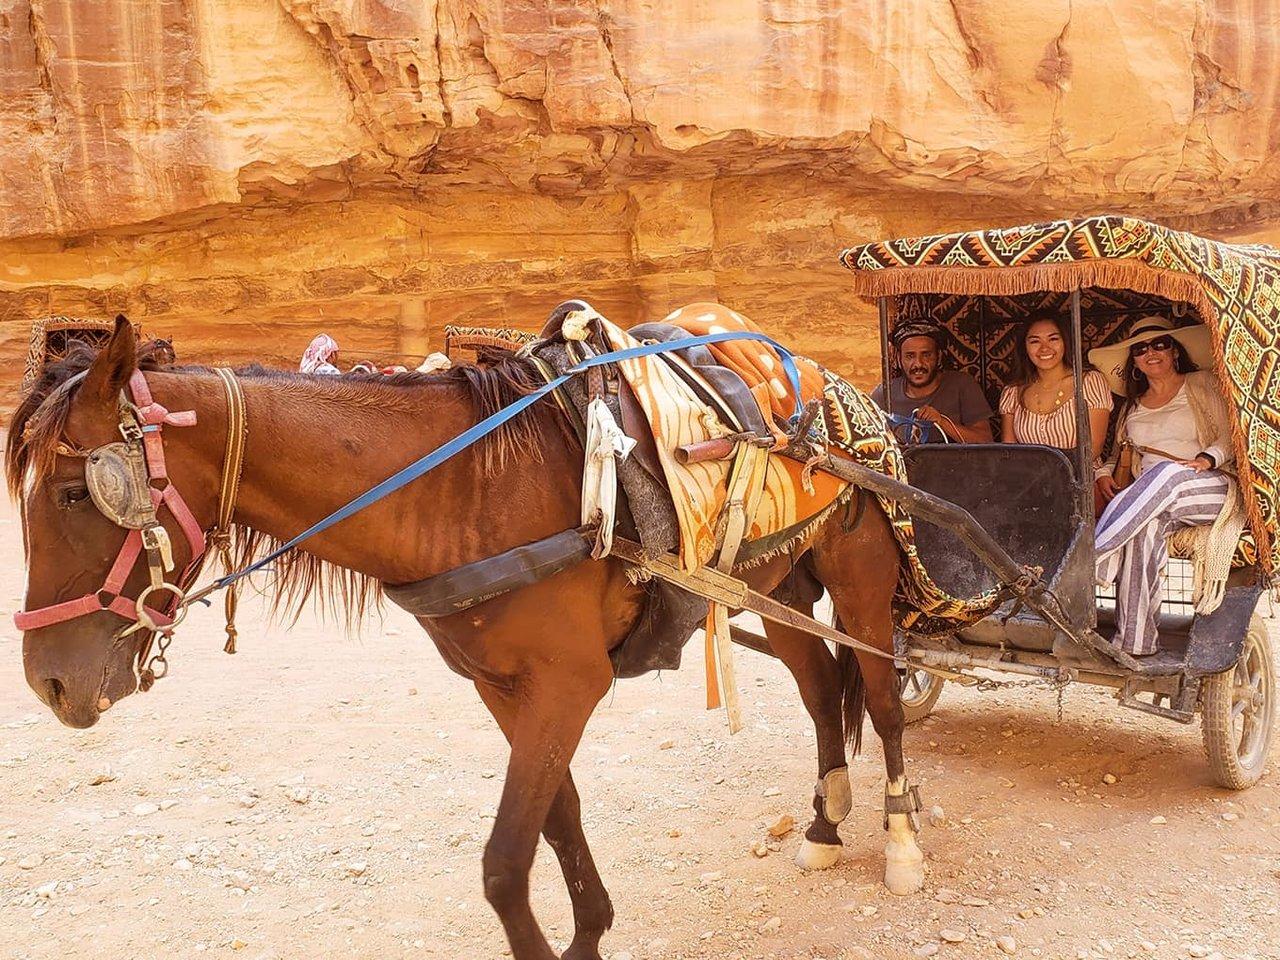 Petra | Photo taken by Janette M